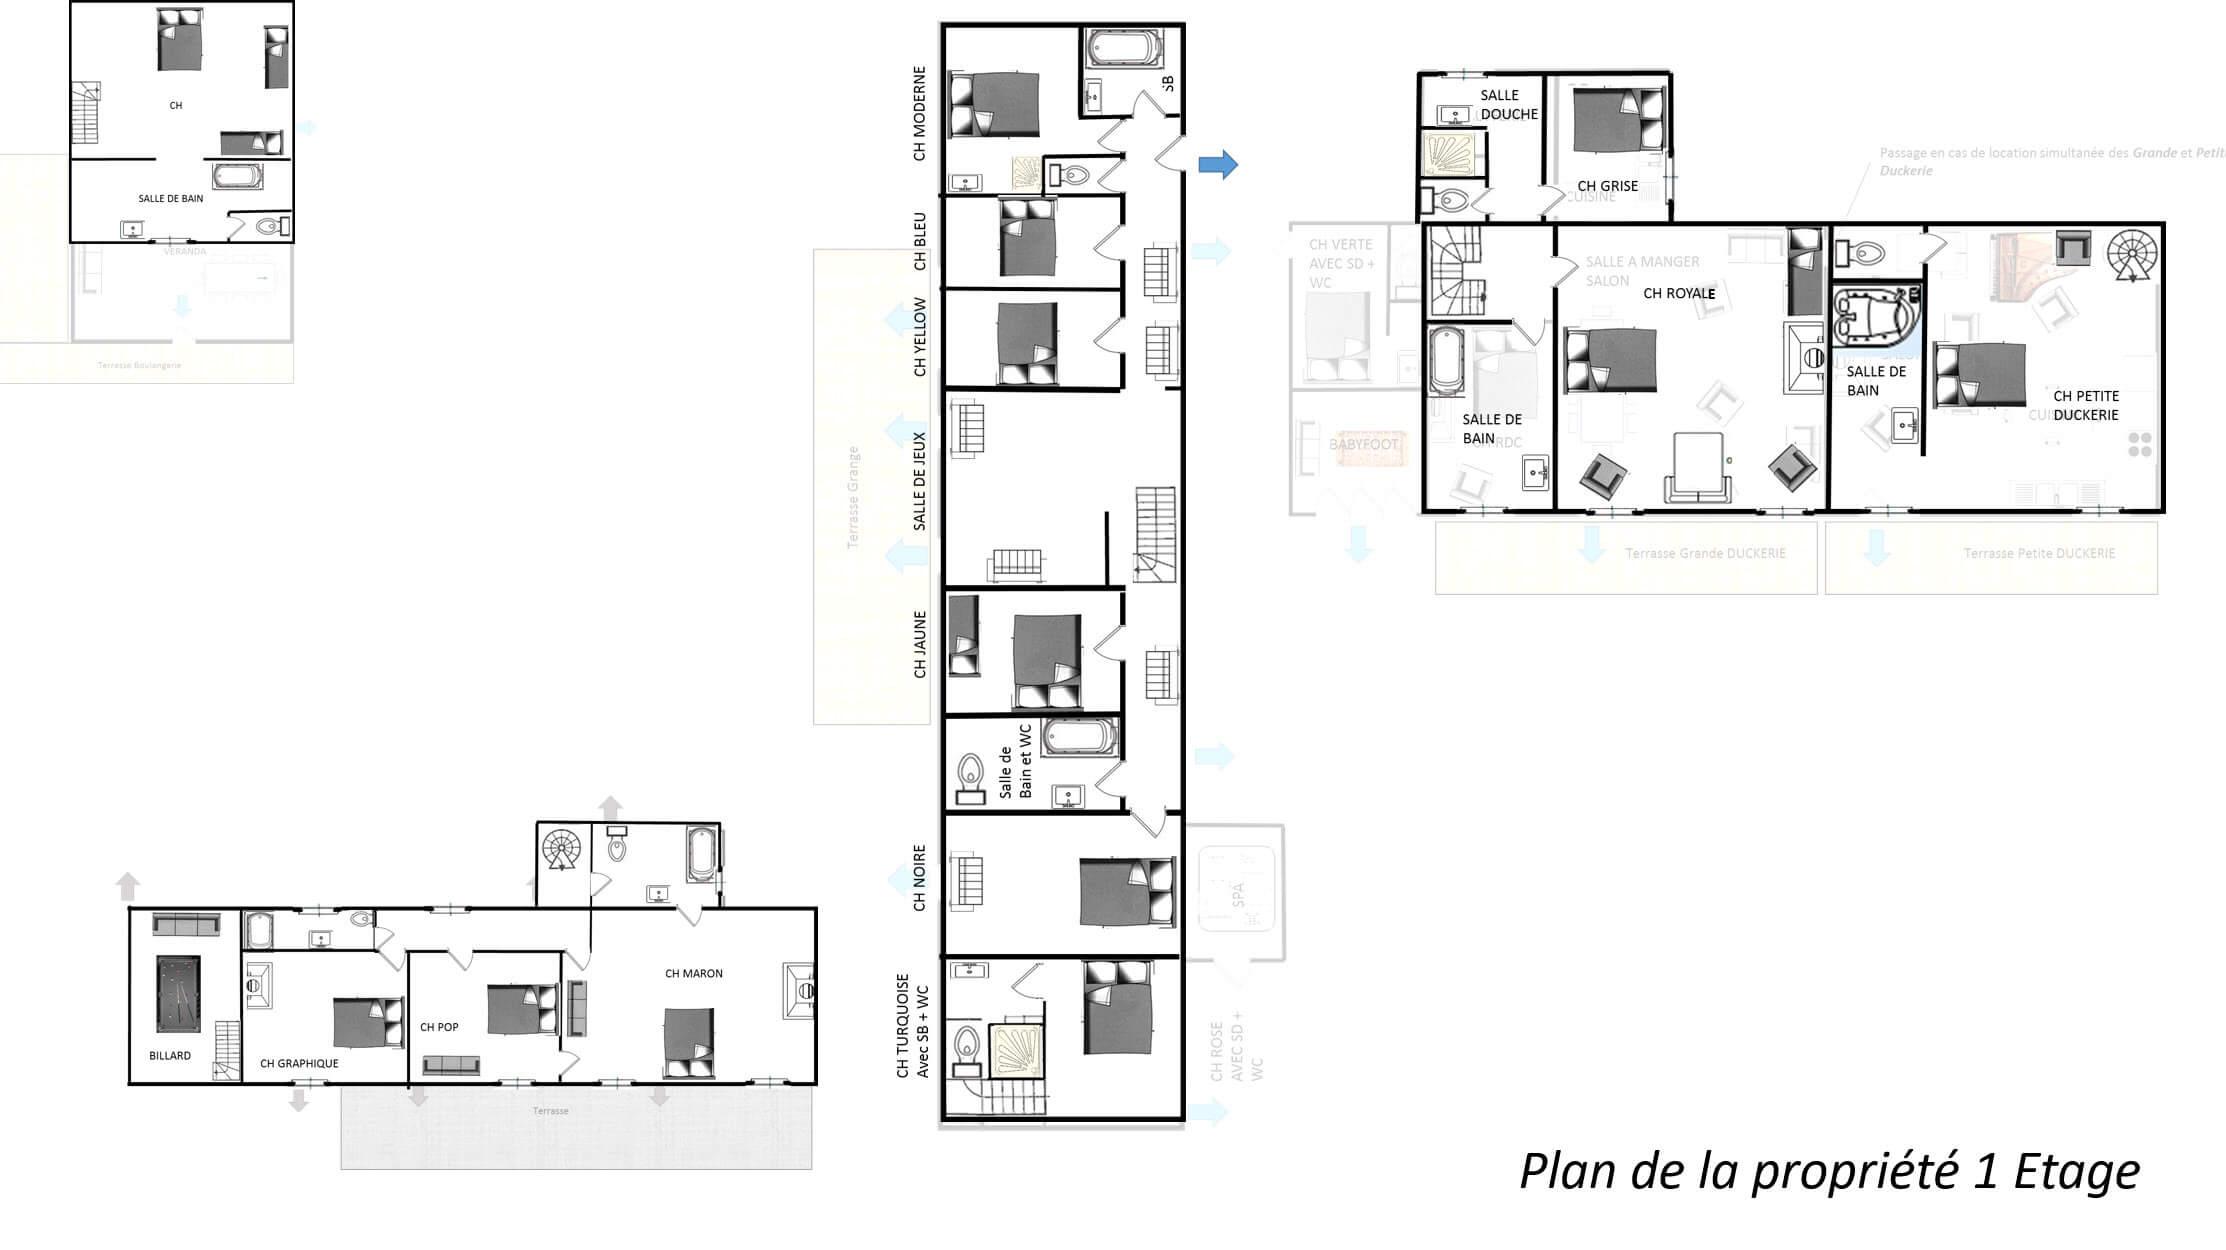 Duckerie 1er etage - GITE LA DUCKERIE - Location de Gite La Clef Decamp - Laclefdecamp.fr